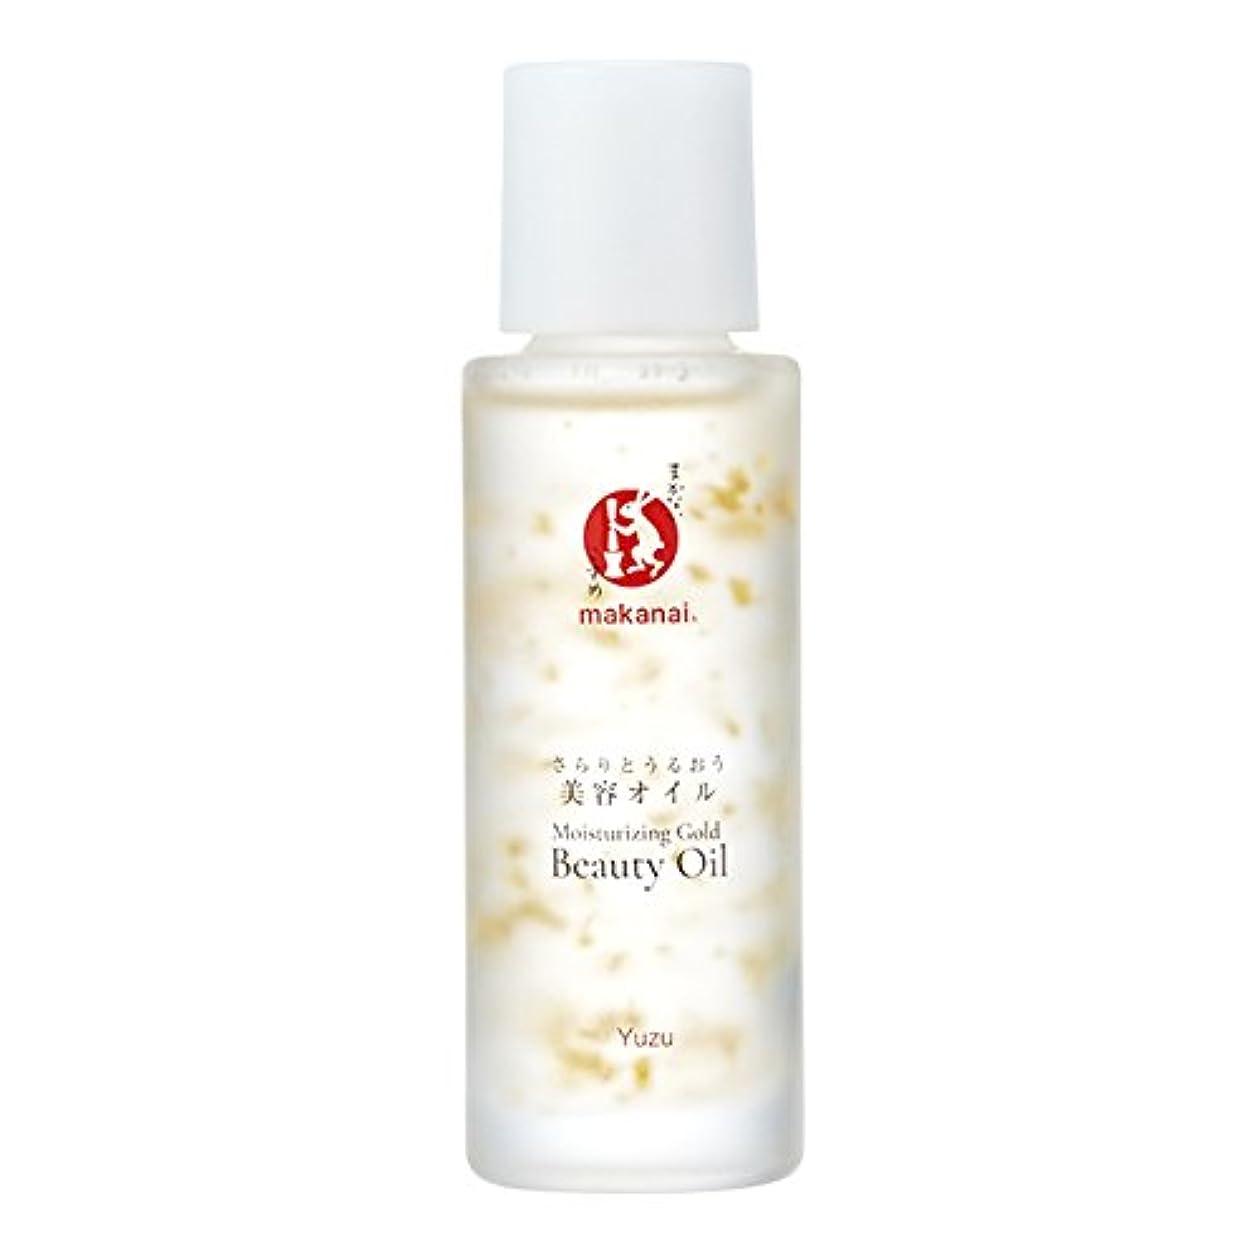 科学者高尚な裁量まかないこすめ 美容オイル ゆずの香り 20ml